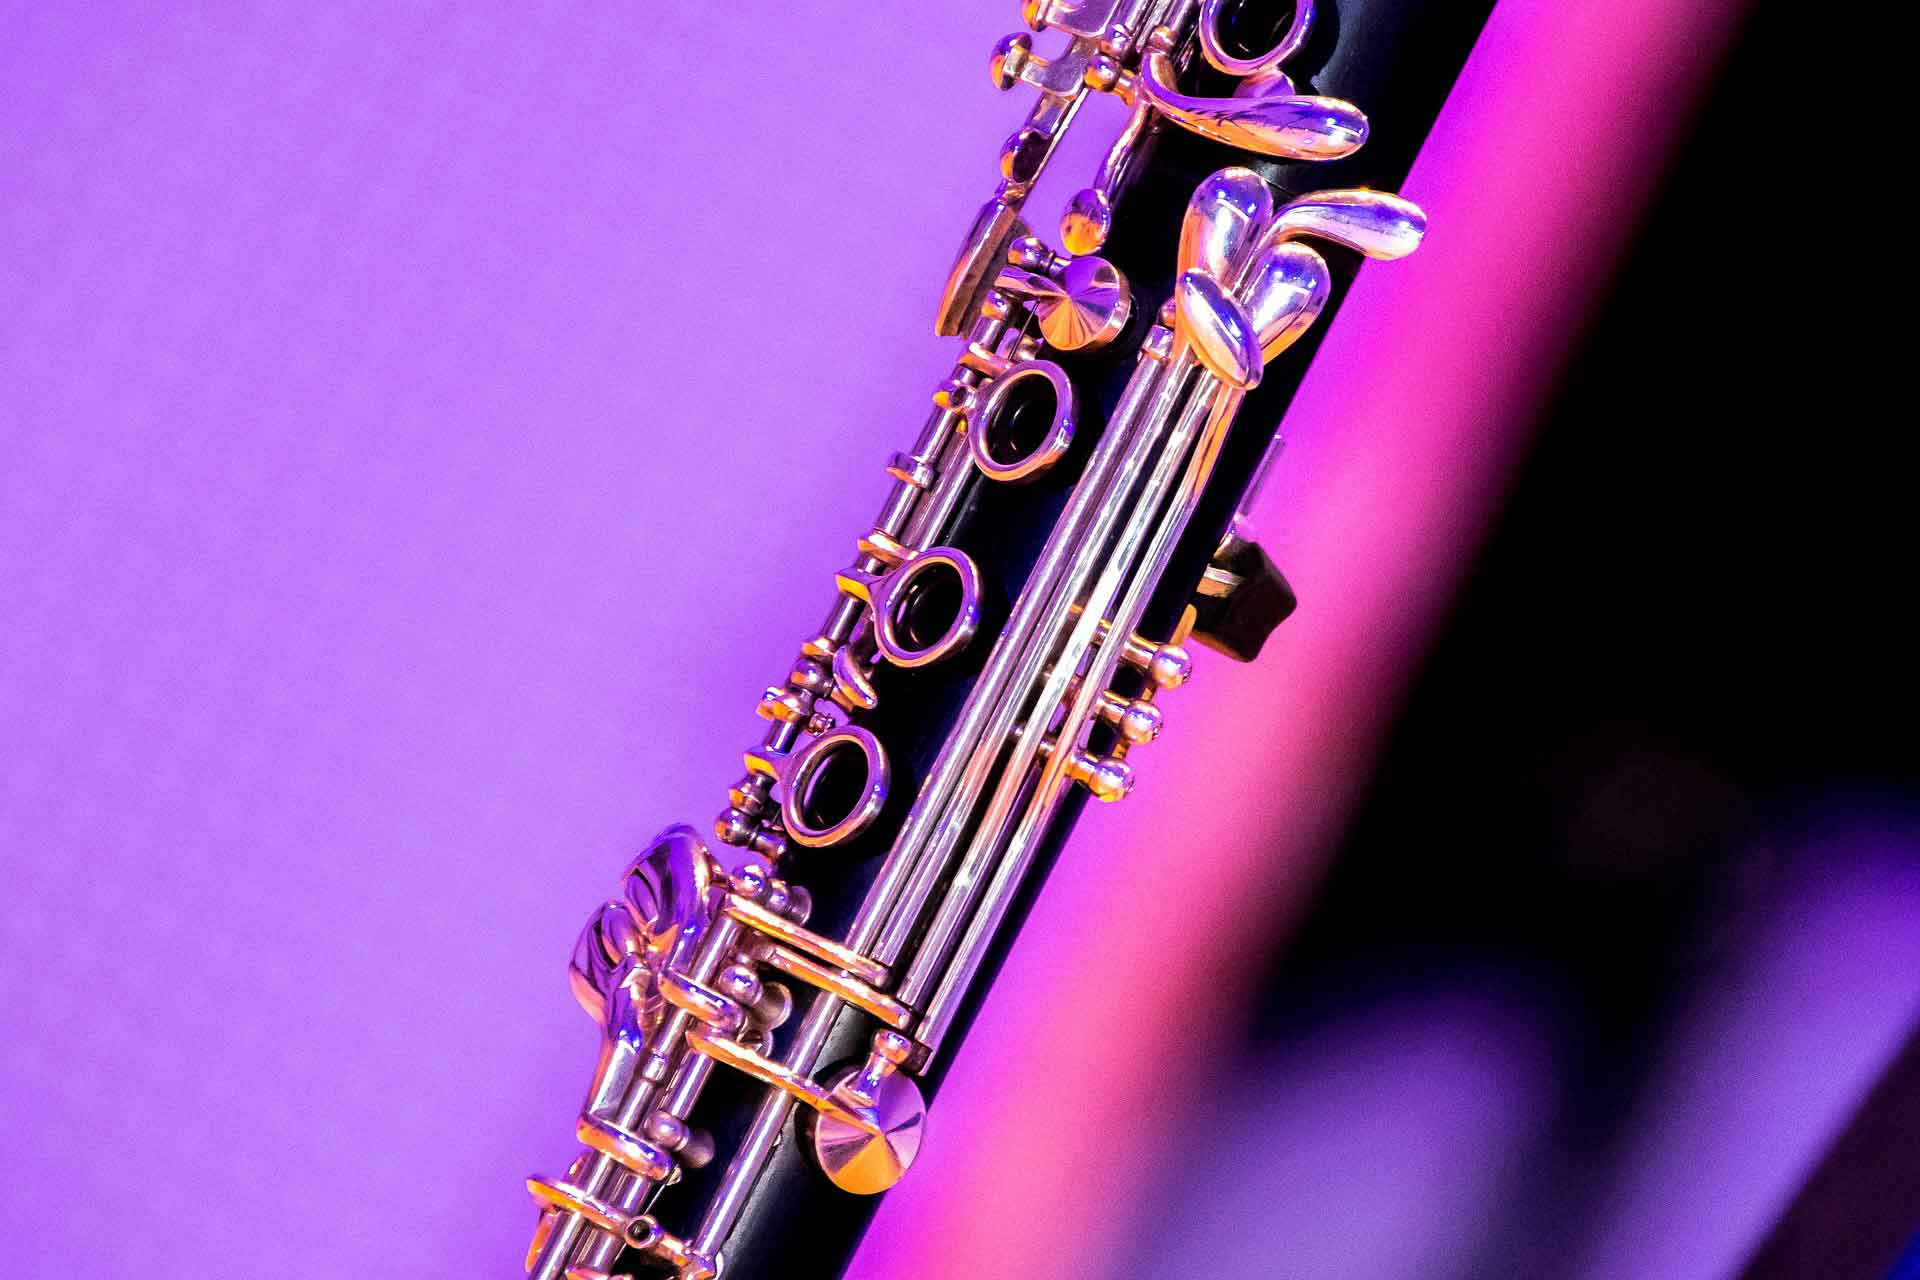 Musikalische Grundwerte für eine effiziente Probenarbeit von Michael Schönstein am Beispiel der Orchestergemeinschaft Seepark